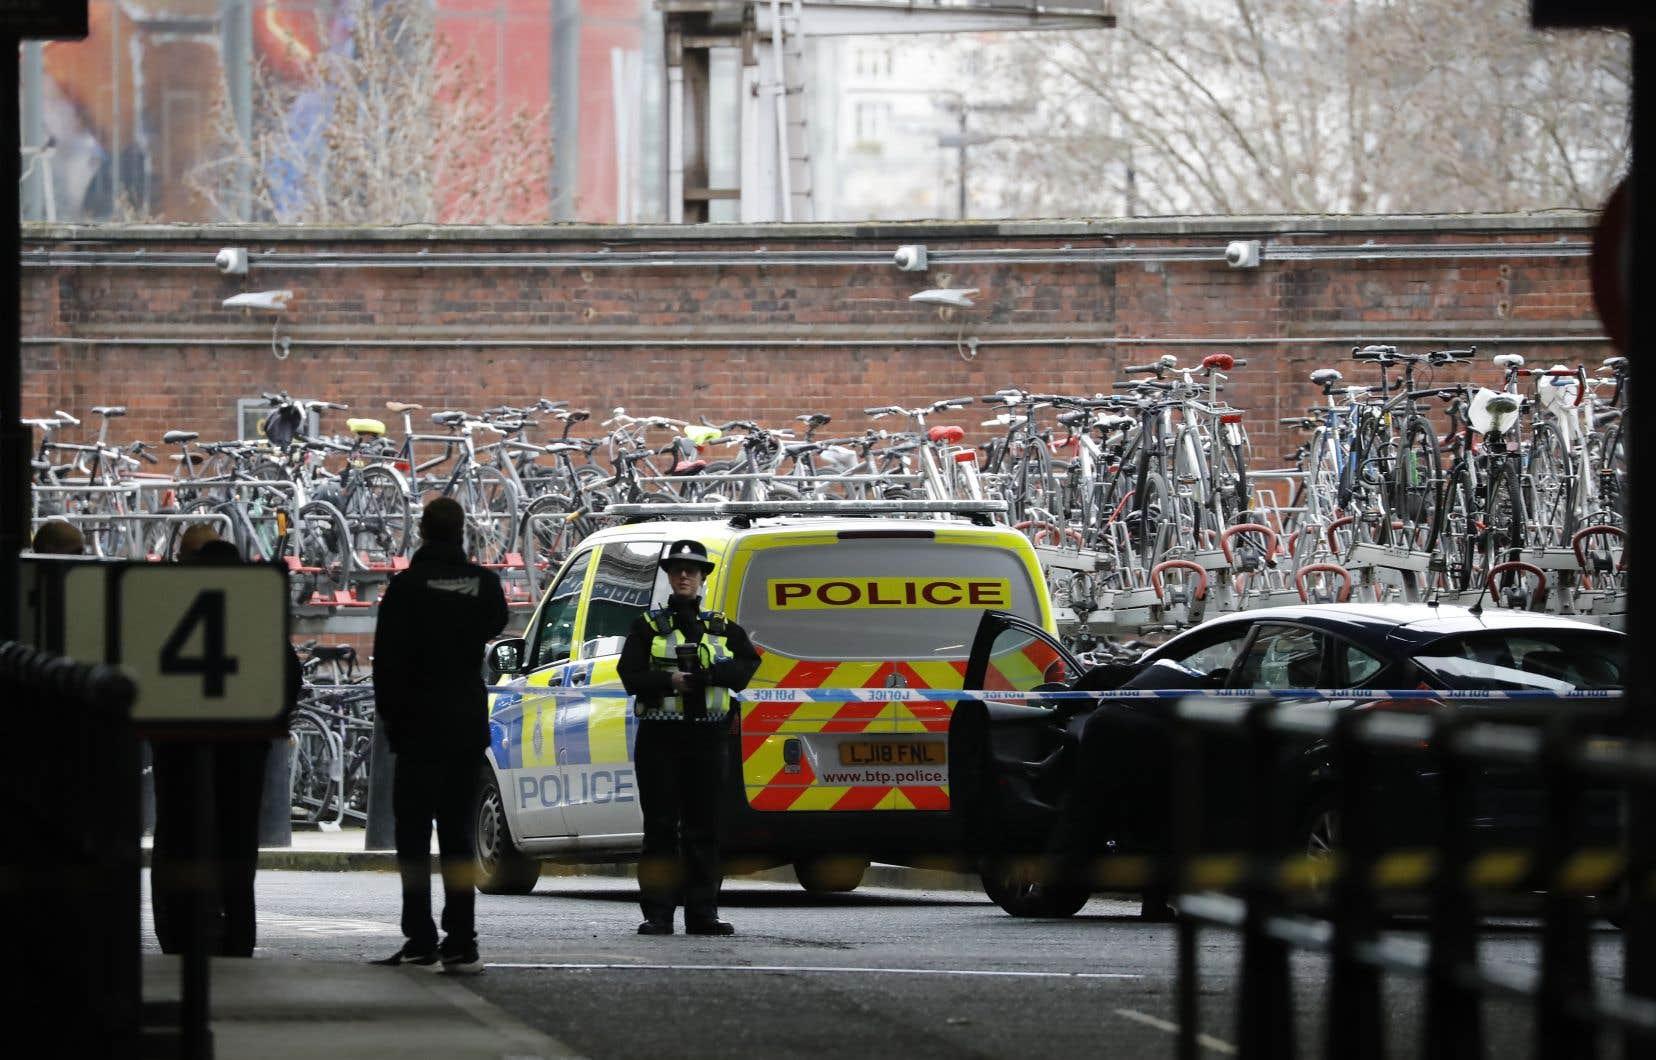 Le 5 mars, trois «petits engins explosifs» qui se trouvaient dans des enveloppes matelassées avaient été trouvés à Londres.